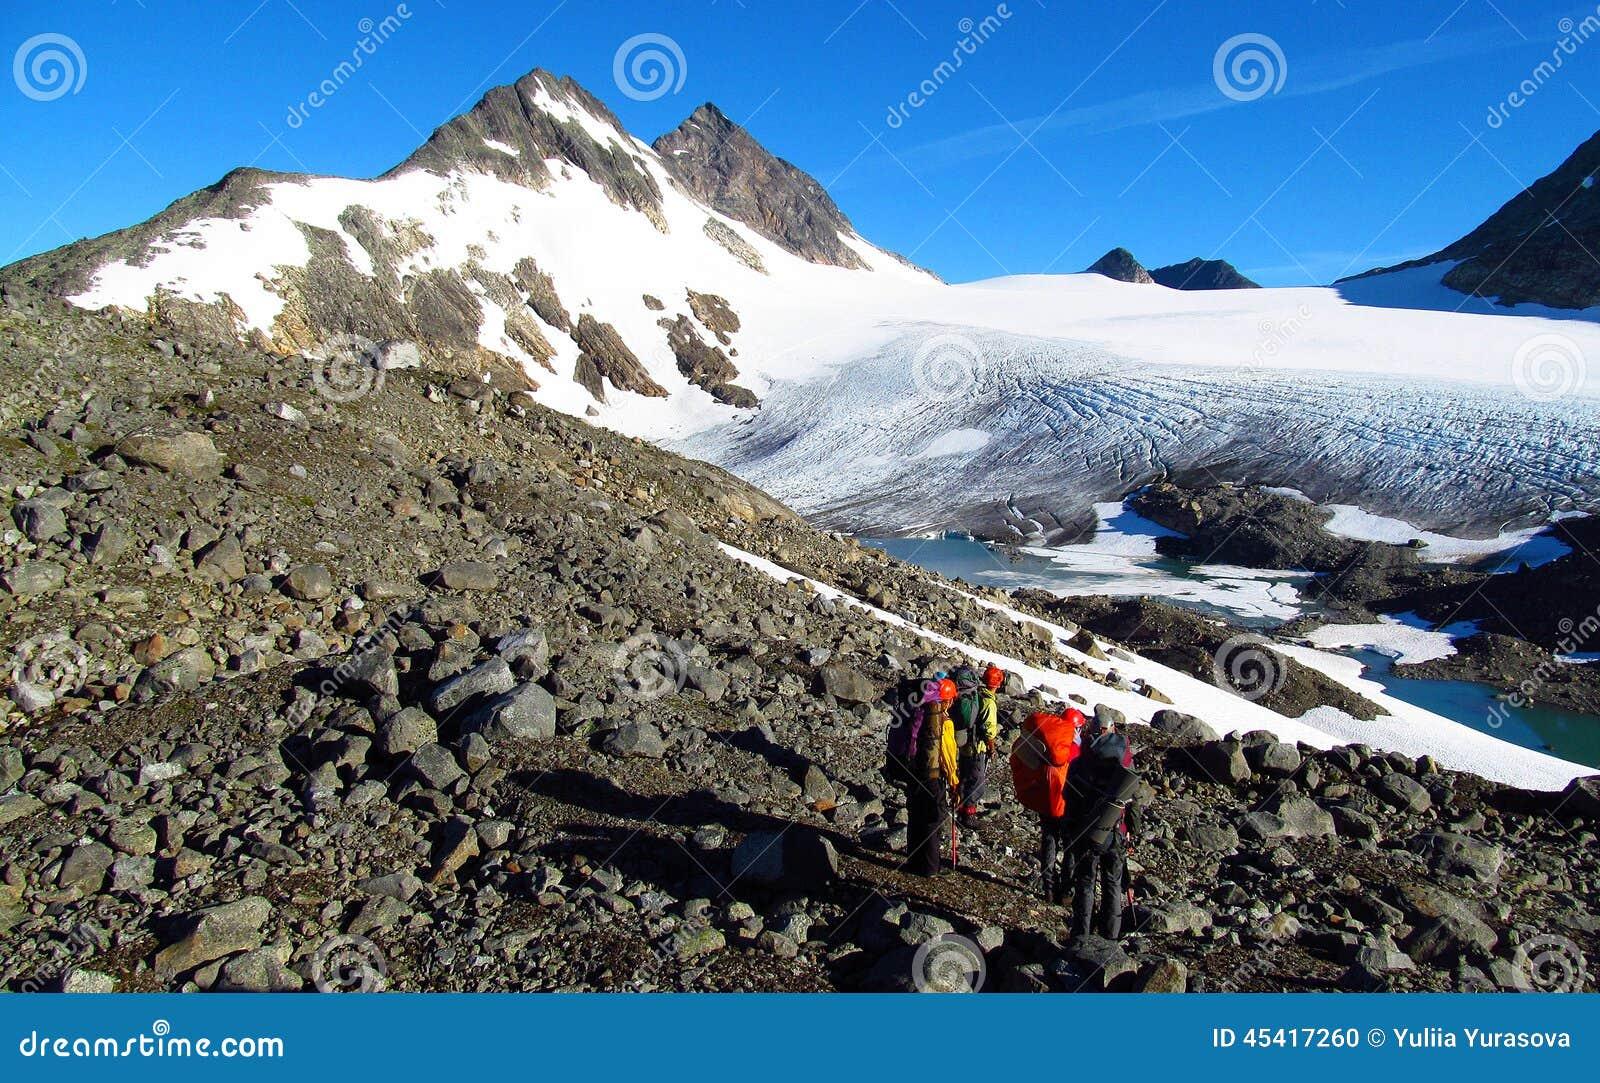 Escaladores de la gente, subiendo a la cumbre, a los picos de montaña rocosa y al glaciar en Noruega